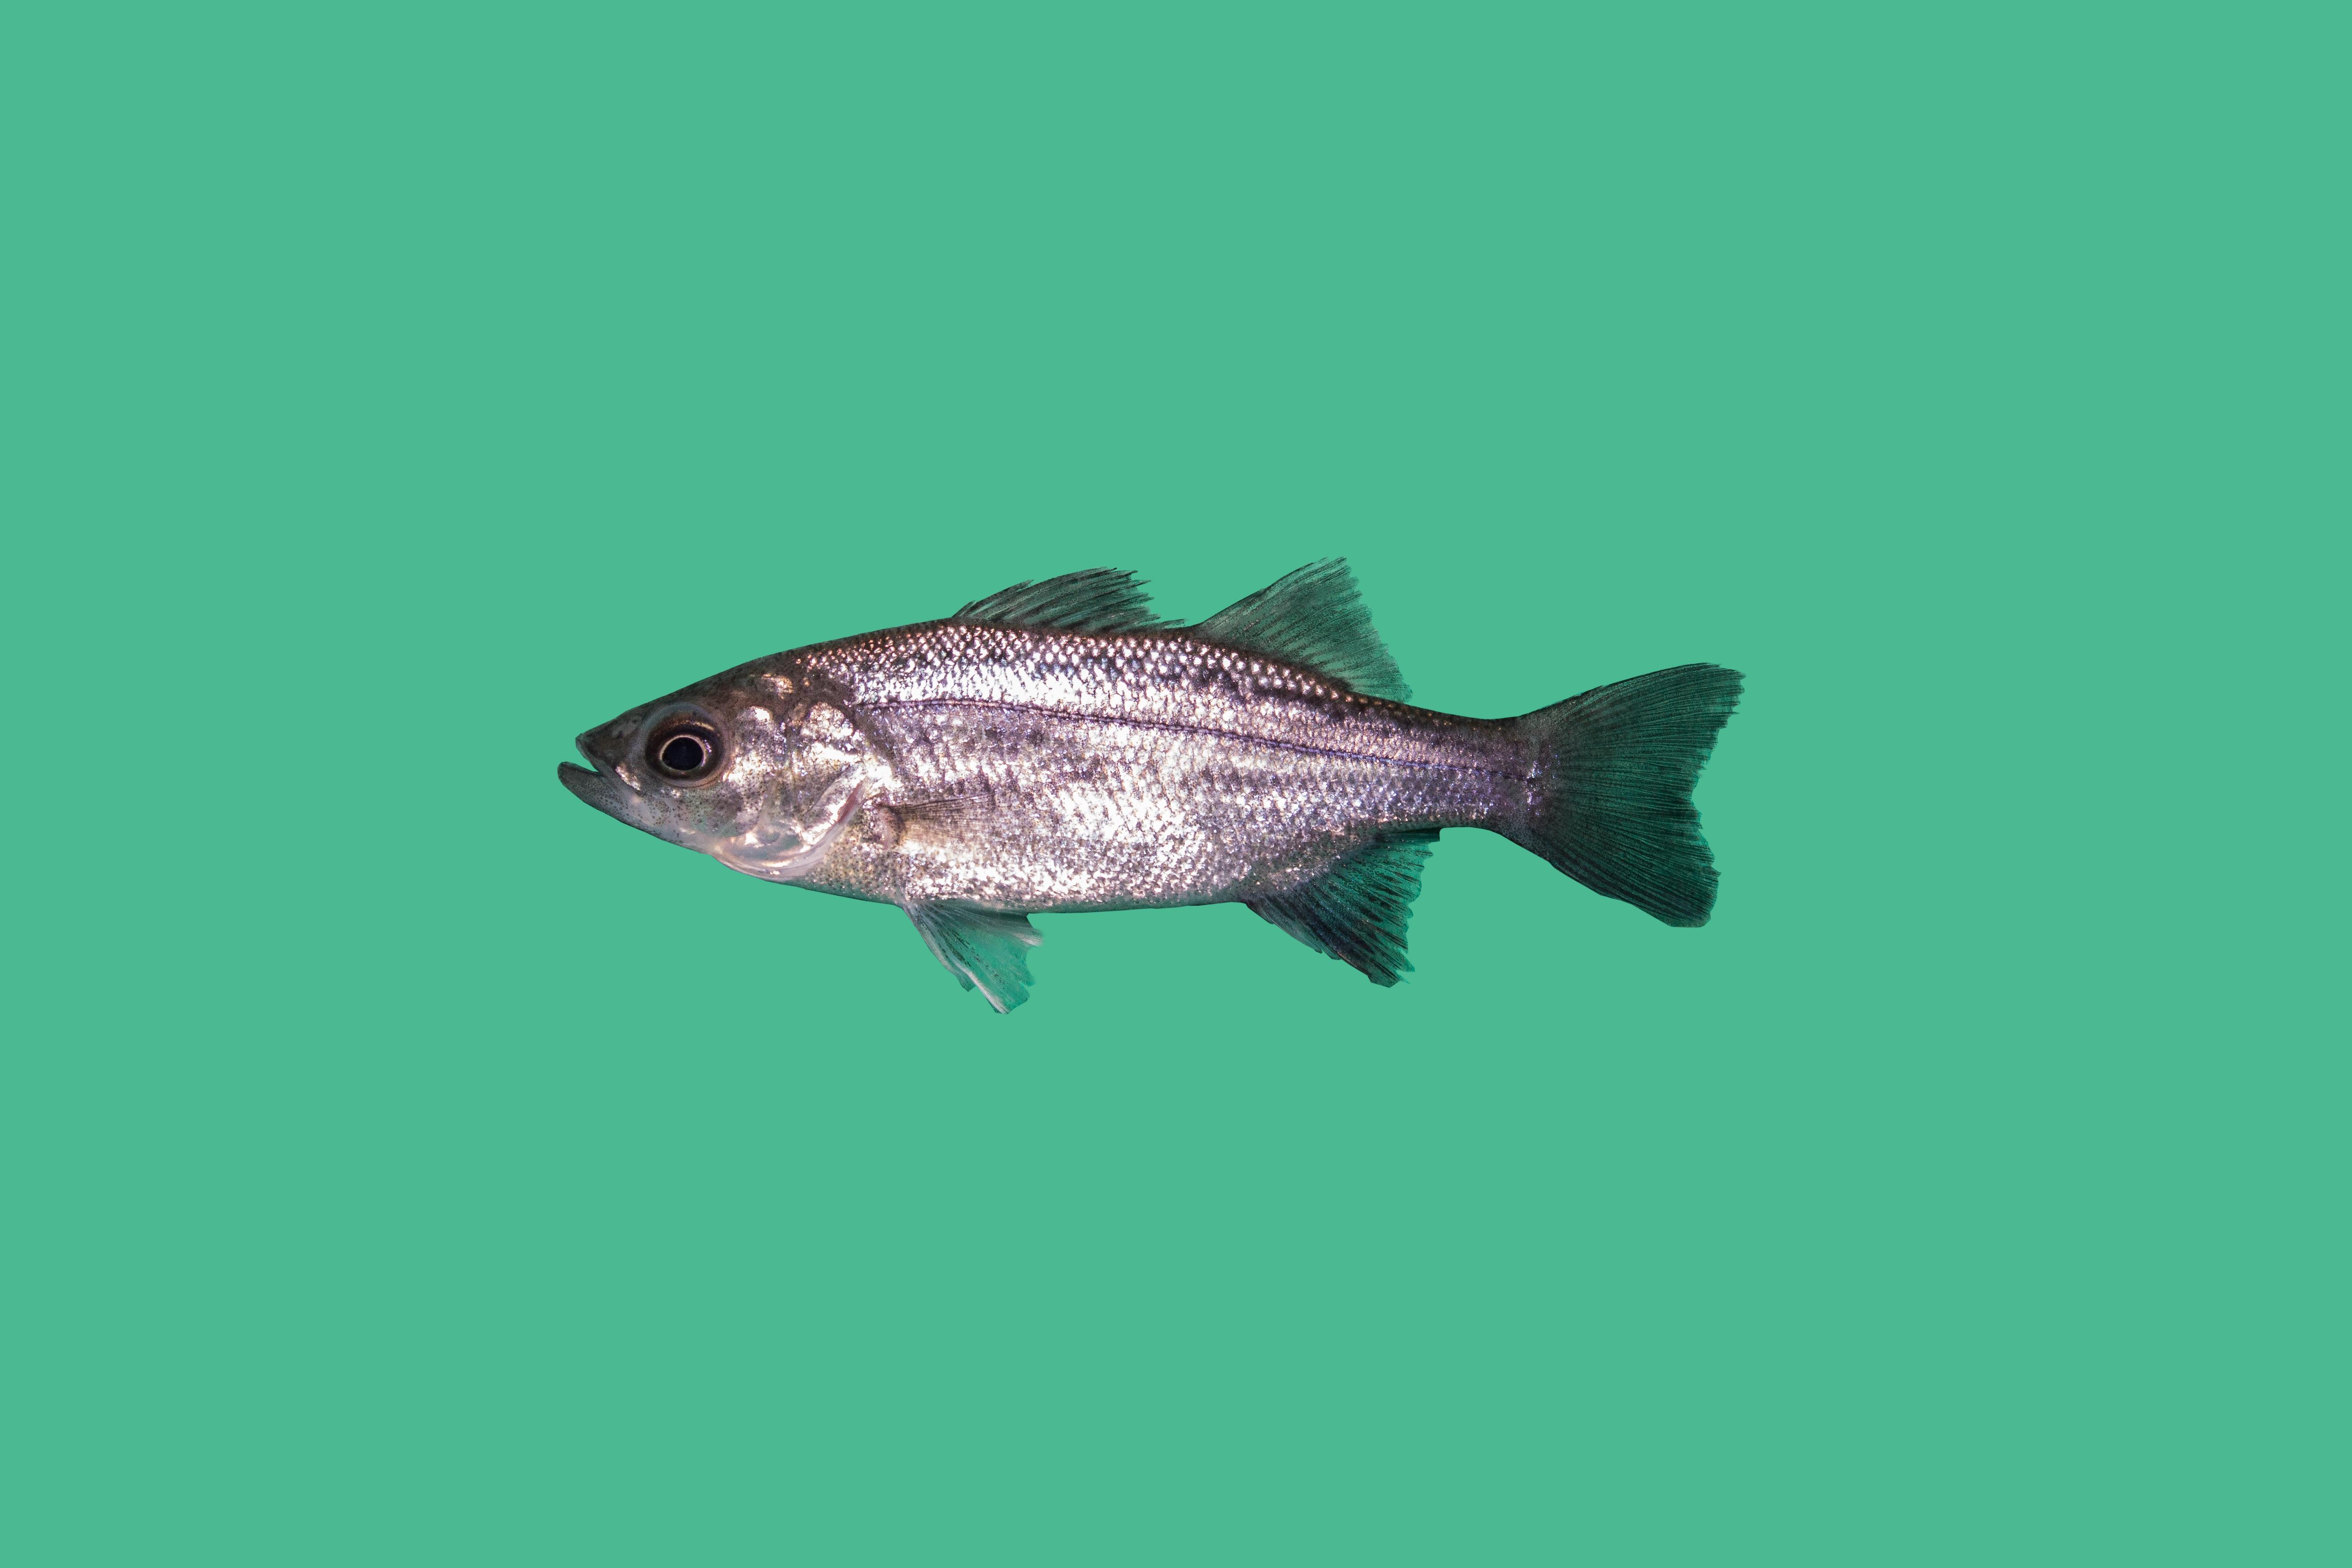 Raubfische teichfische teichfische online for Teichfische versand